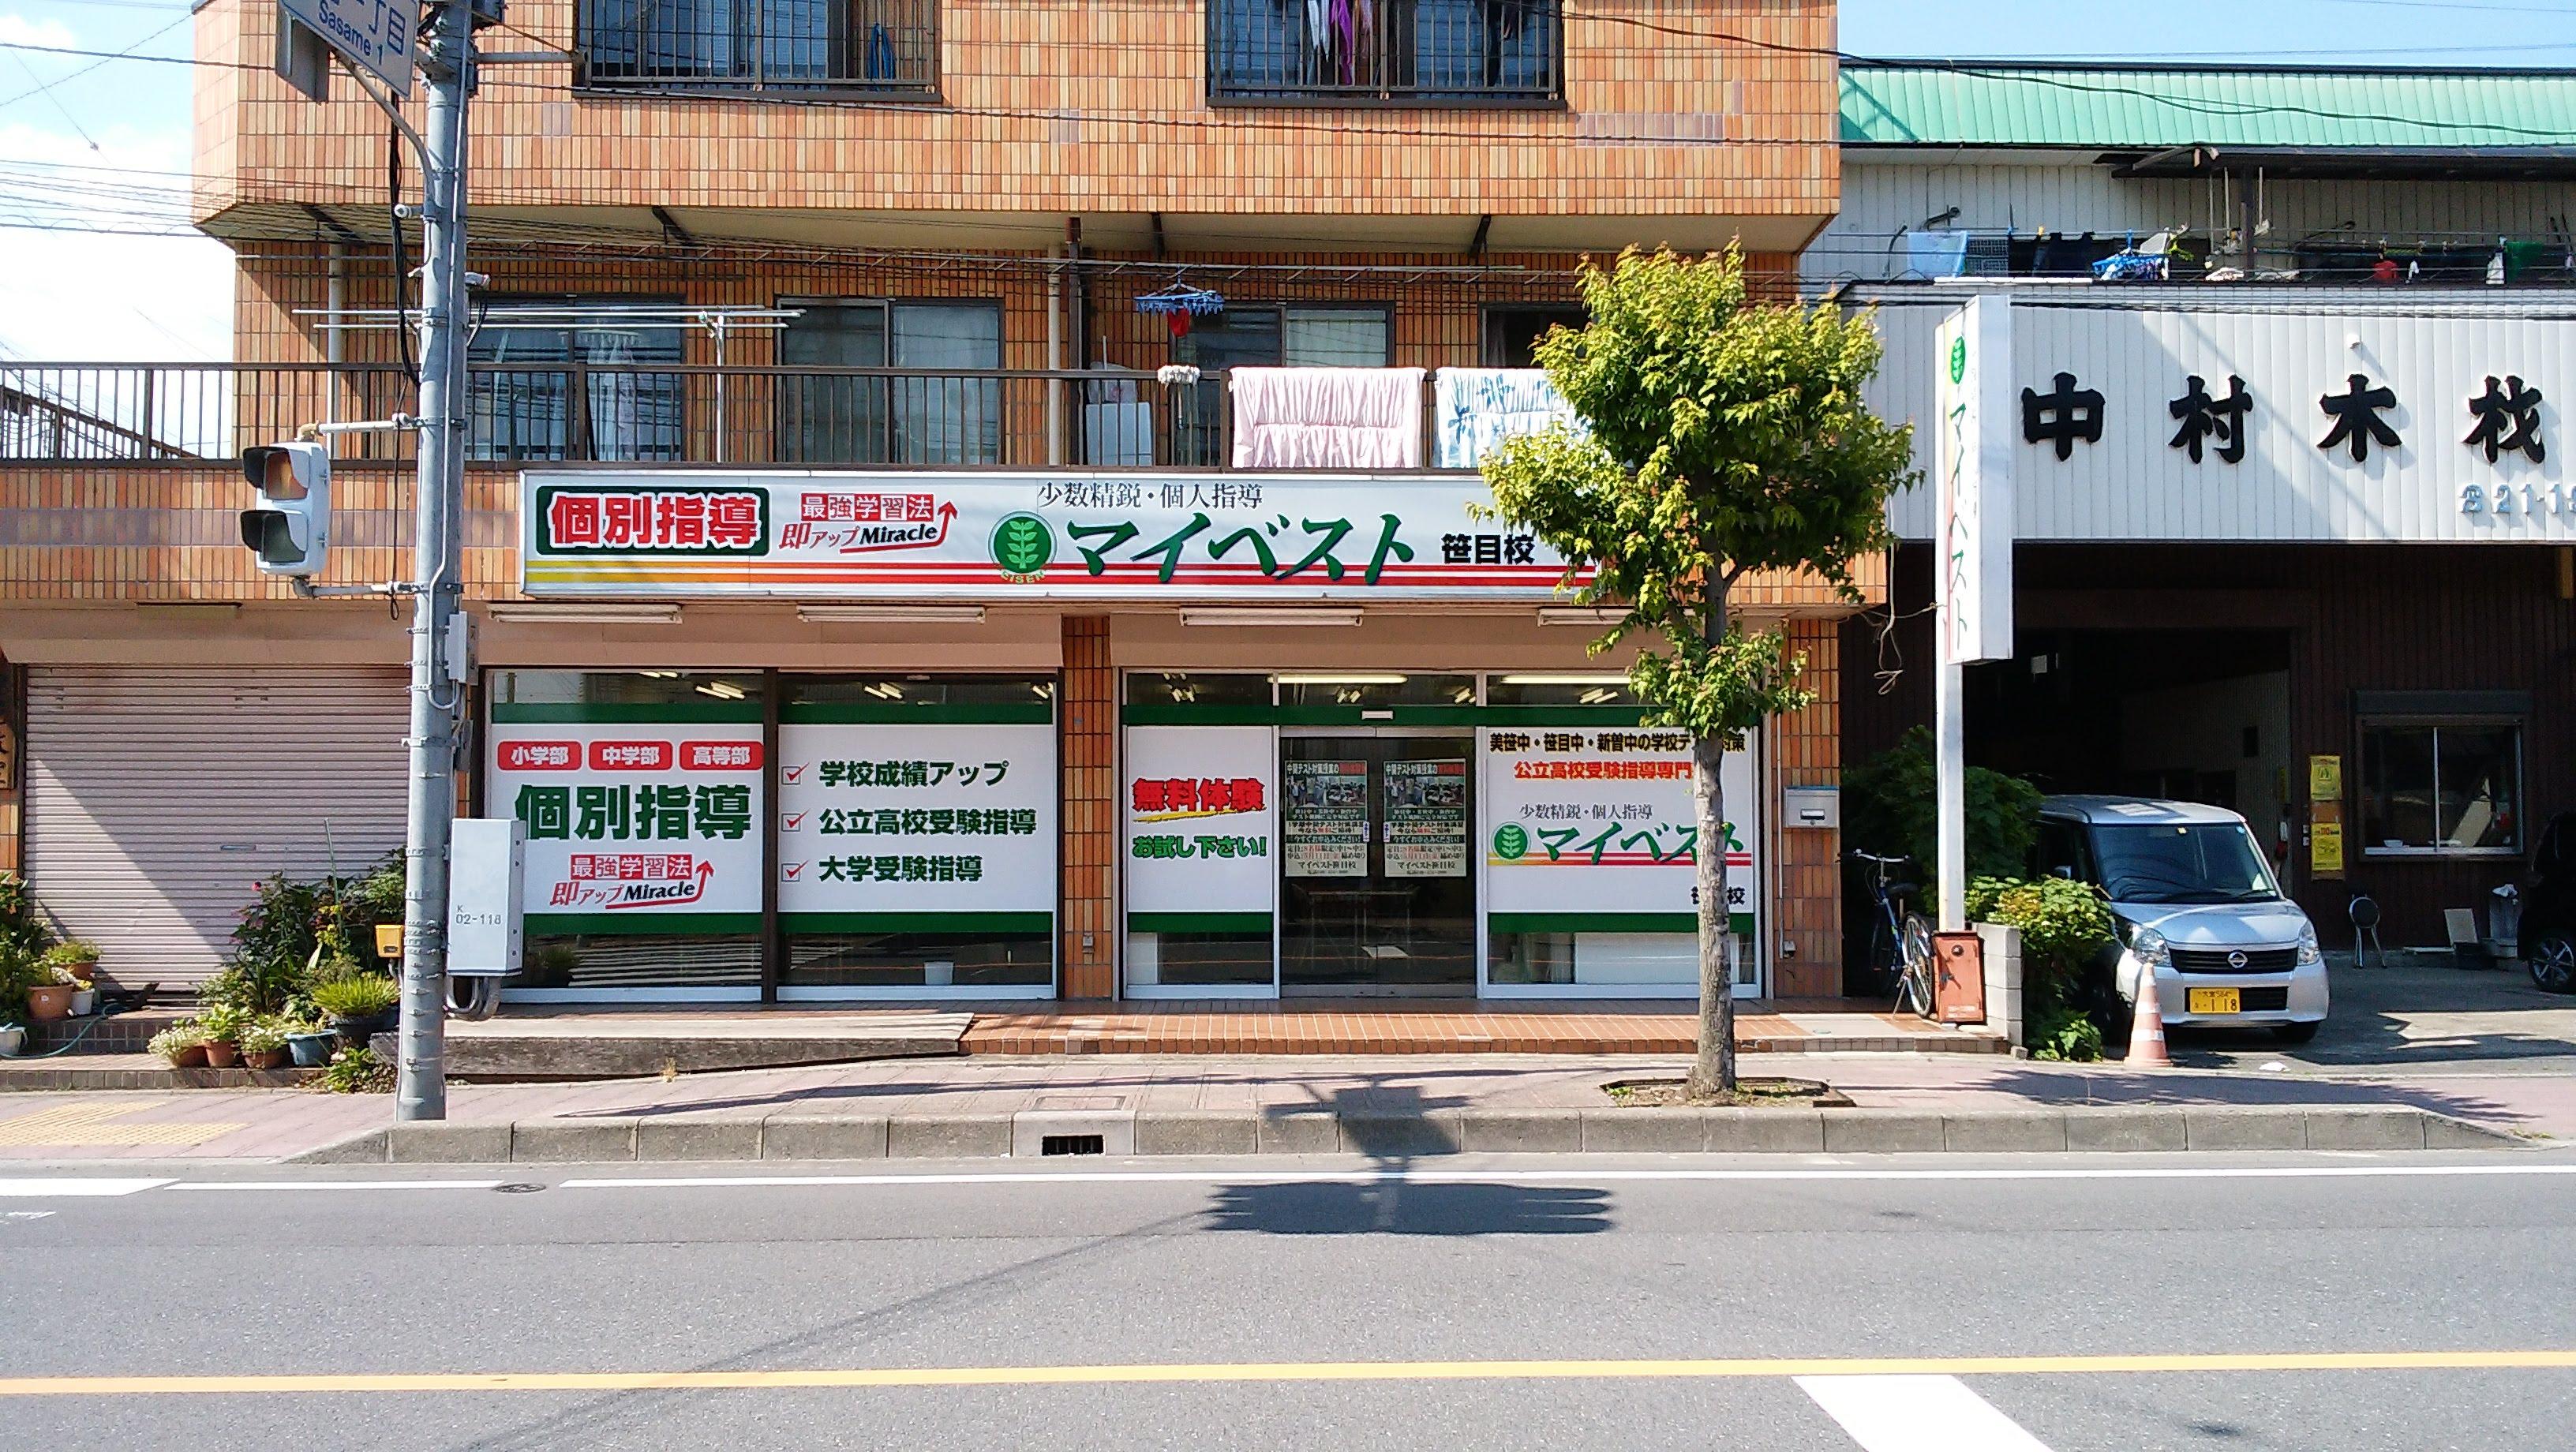 塾 戸田市